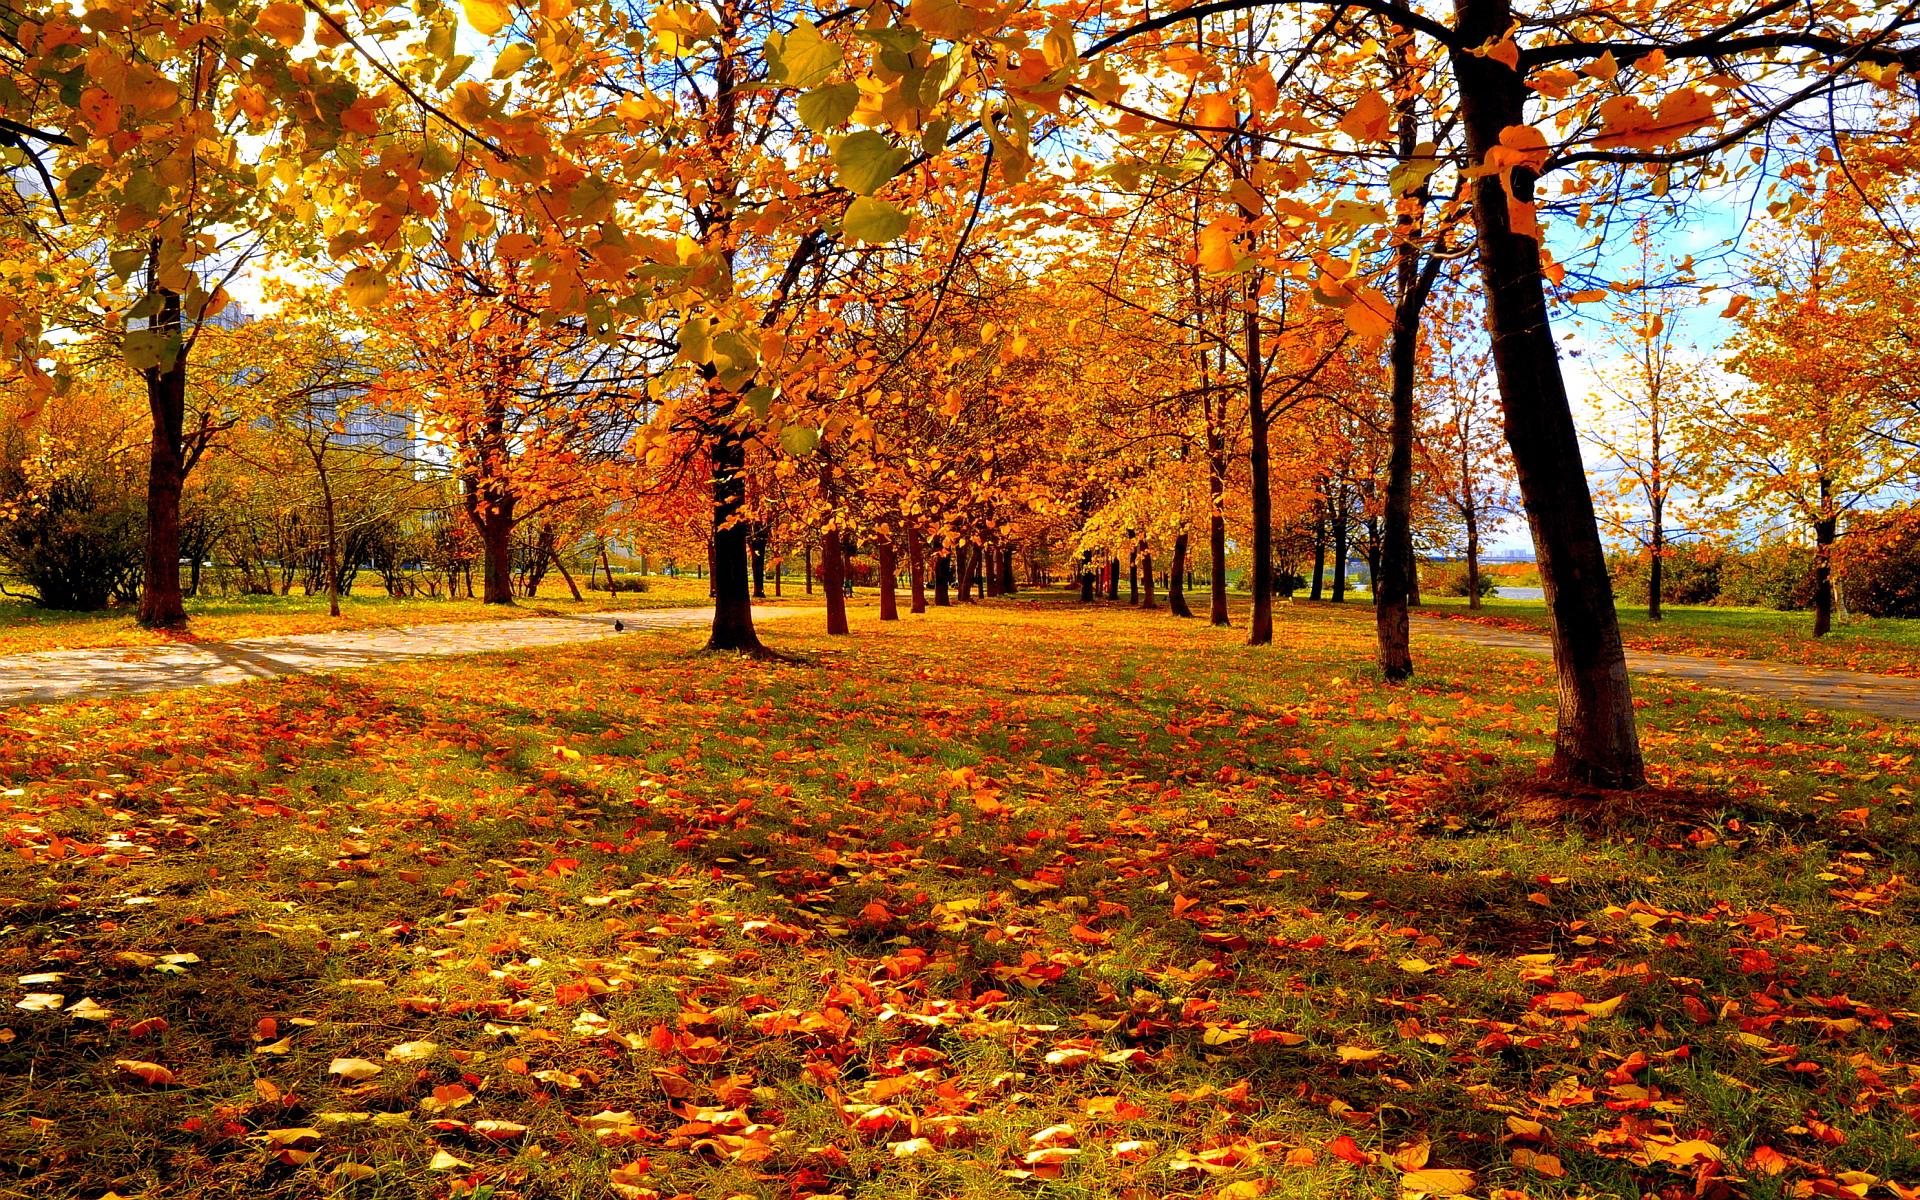 autumn sunset wallpaper - HD Desktop Wallpapers   4k HD